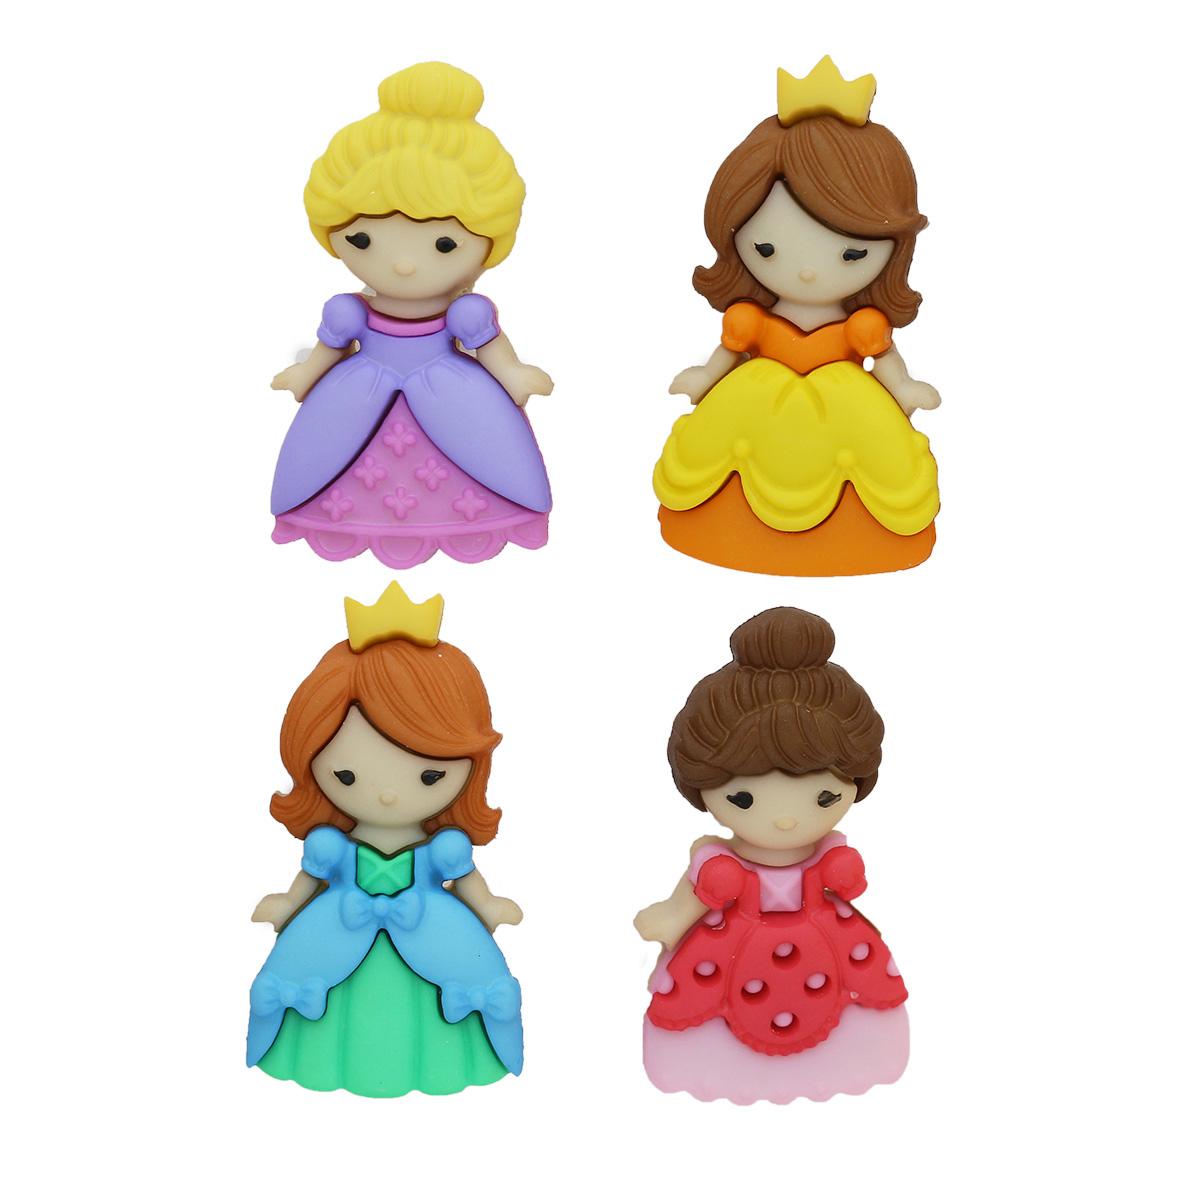 9004, Пуговицы-фигурки. Красавица на балу Dress